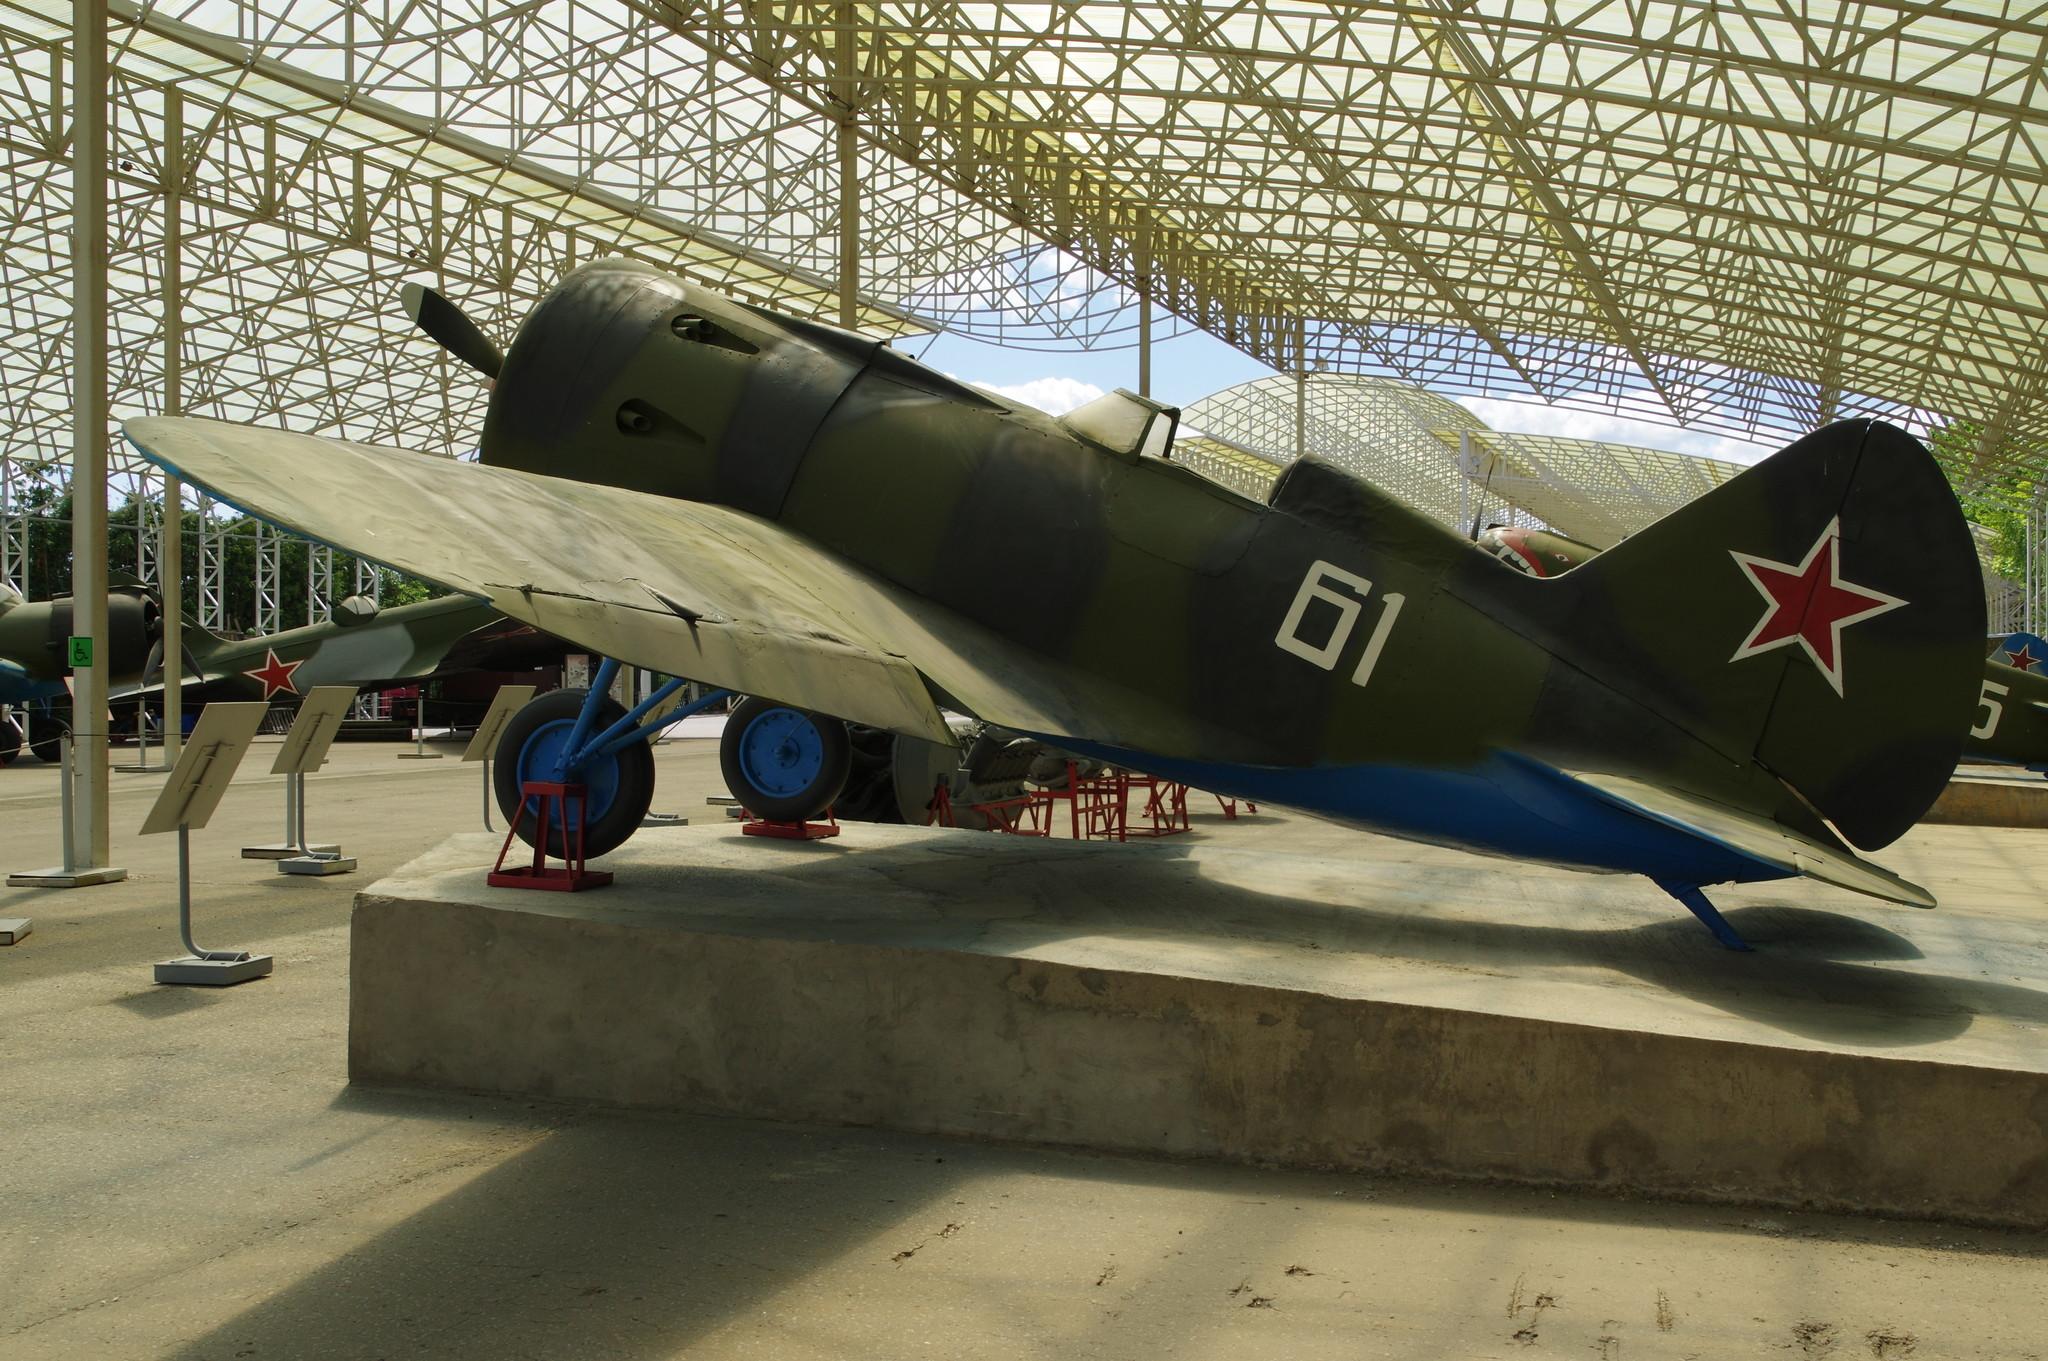 Полноразмерная копия истребителя И-16 тип 10 из состава войск ПВО Калининского фронта